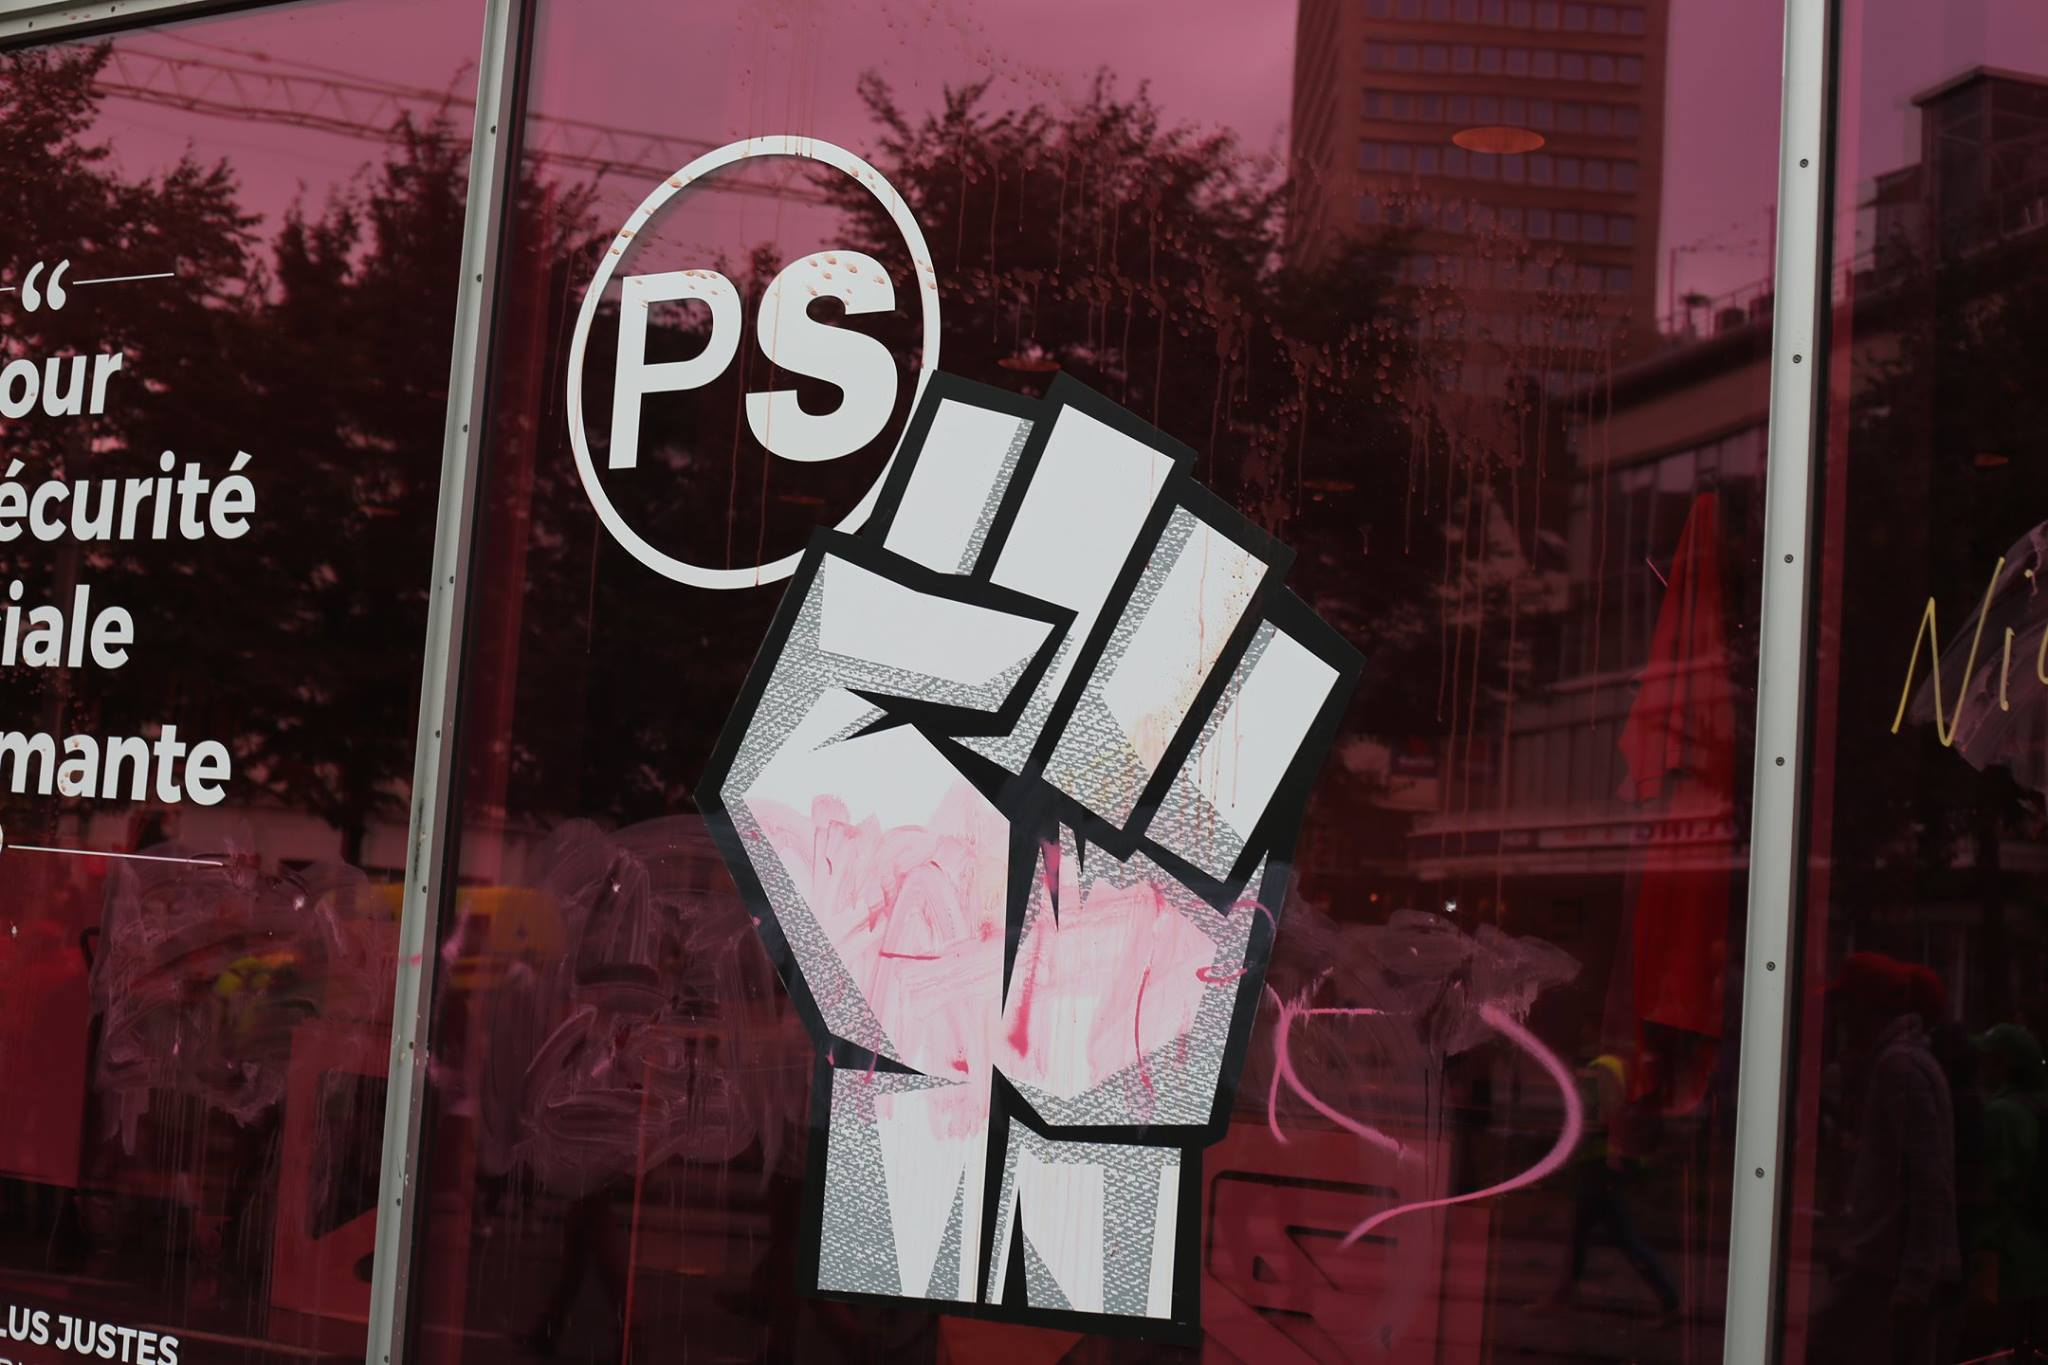 Draai naar links door PS: paniekreactie op de opmars van de PTB of is er meer aan de hand?